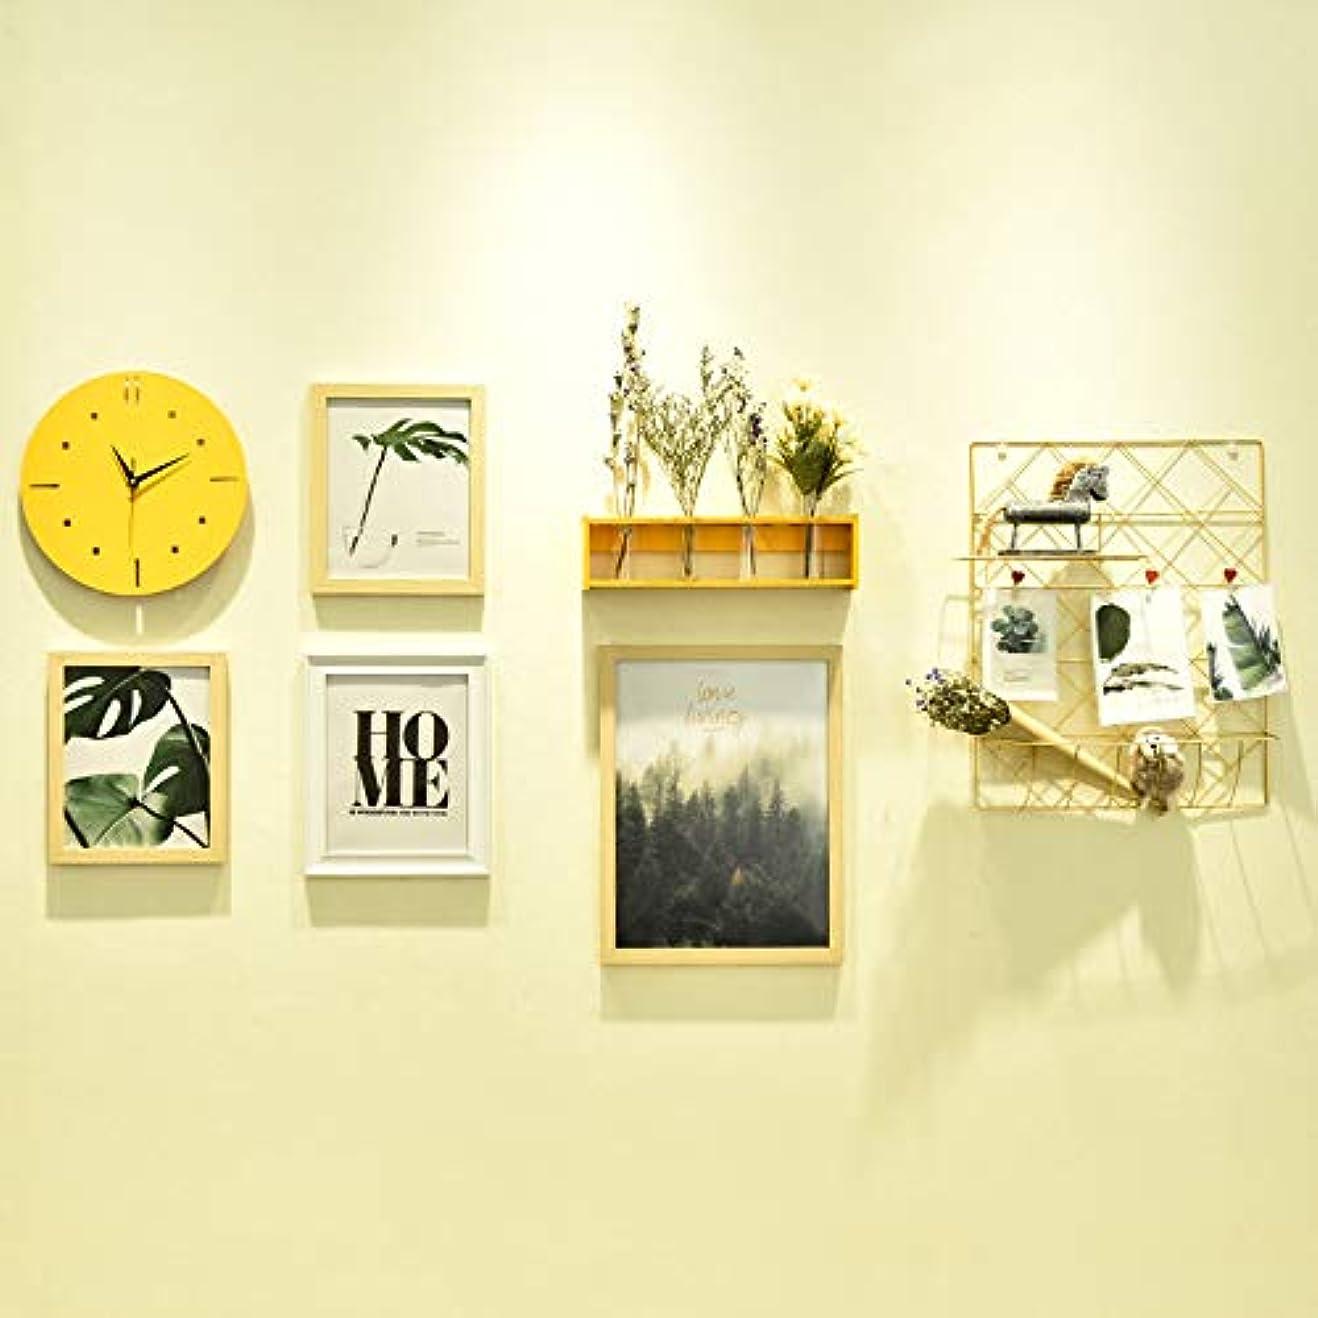 潜むスクリーチ食事写真の壁現代のミニマリストの組み合わせシャムフォトフレーム壁掛けリビングルームの寝室の壁時計の組み合わせフォトフレーム